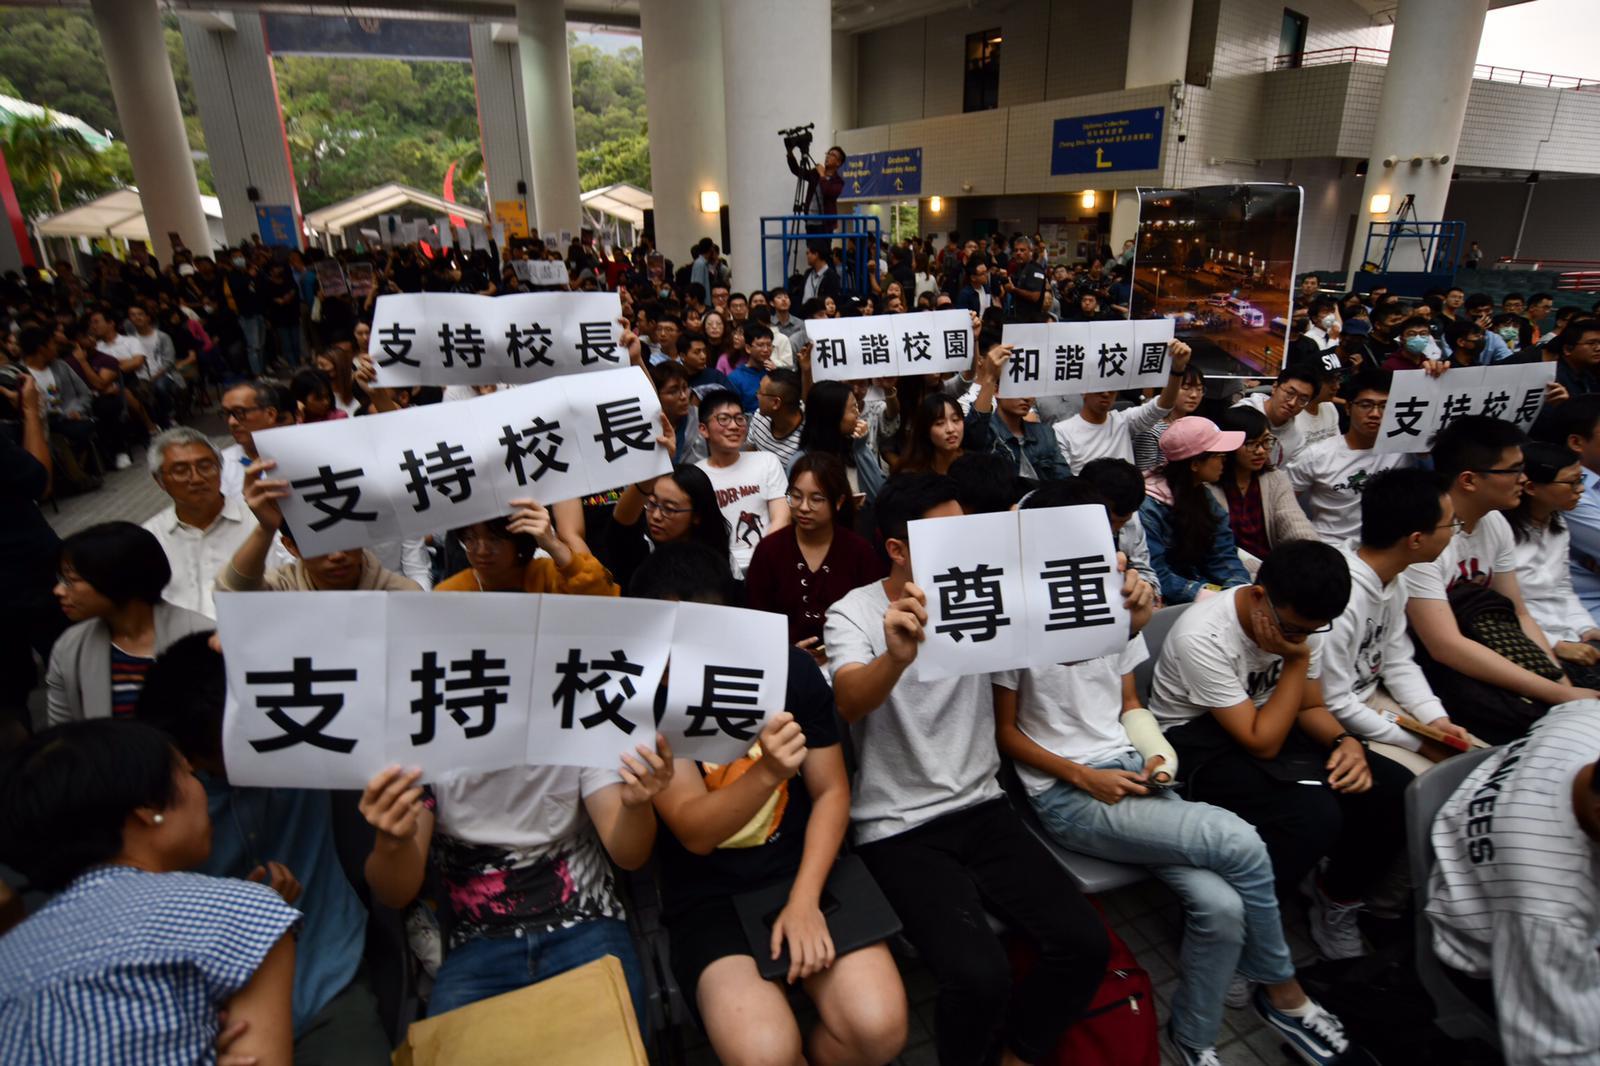 到近五點,大堂近千座位已坐滿八成,另有近百人未獲入場而在場外旁聽。